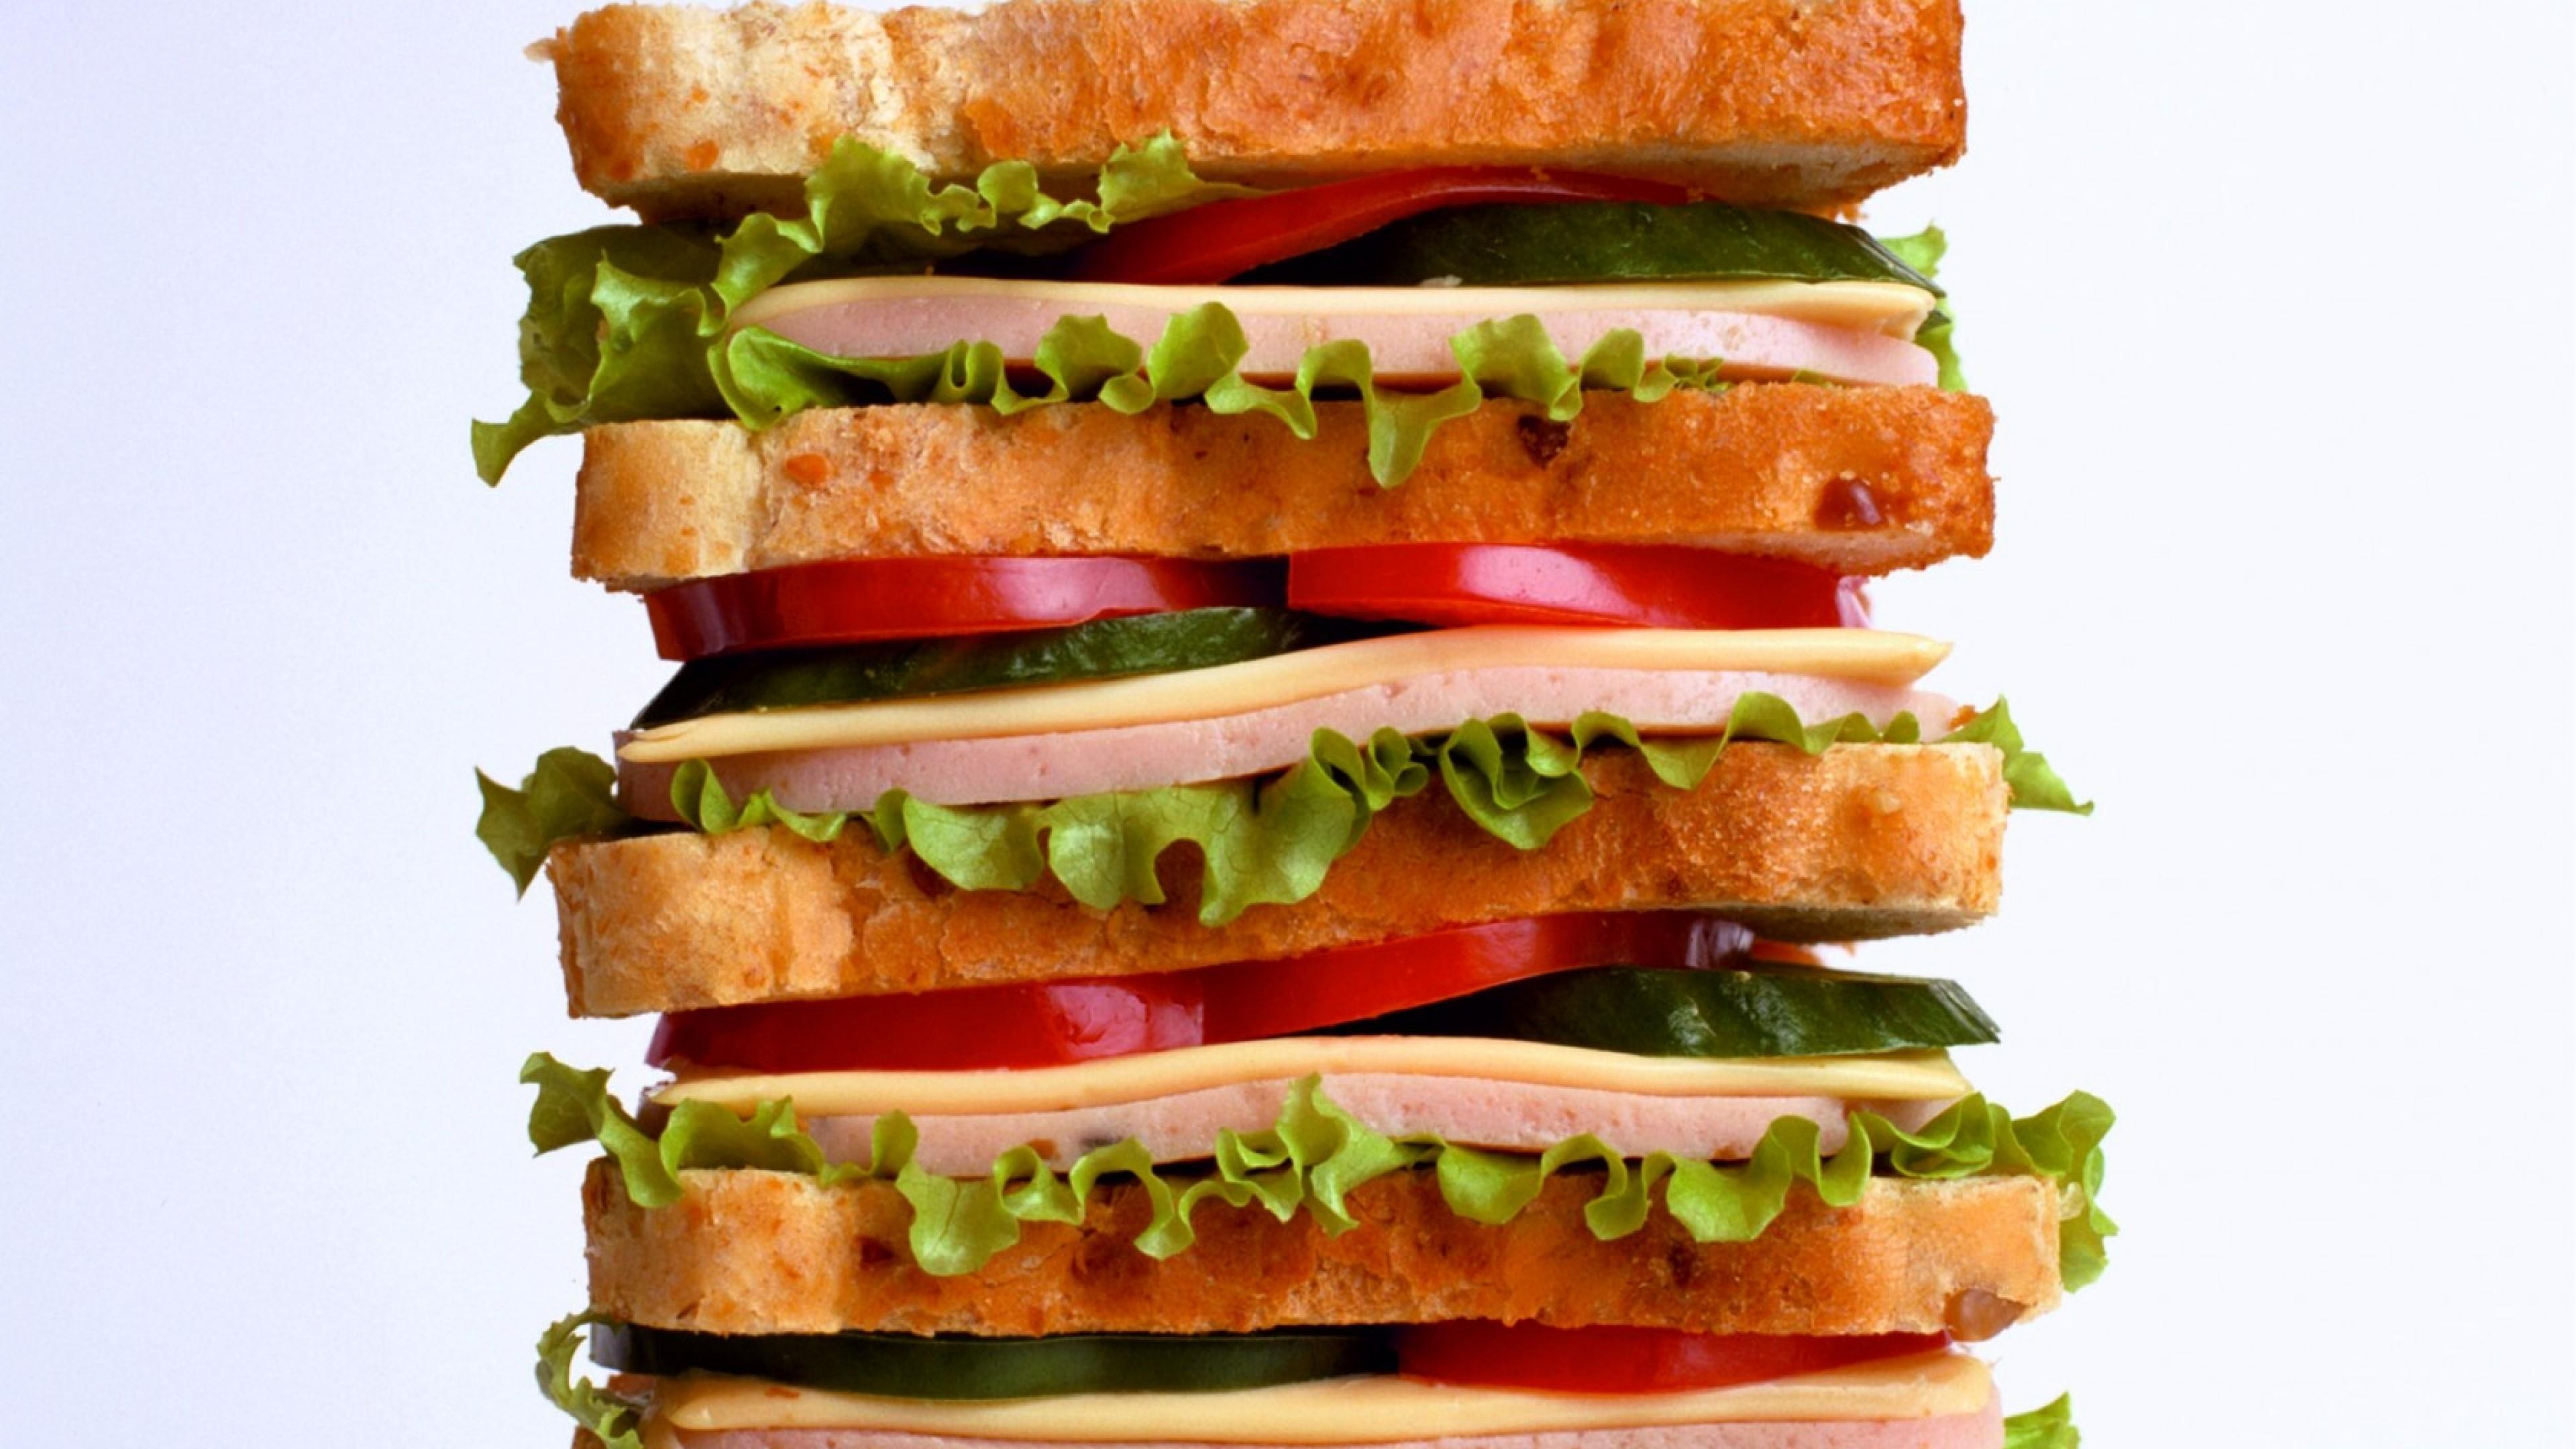 Wallpaper burger, sandwich, food